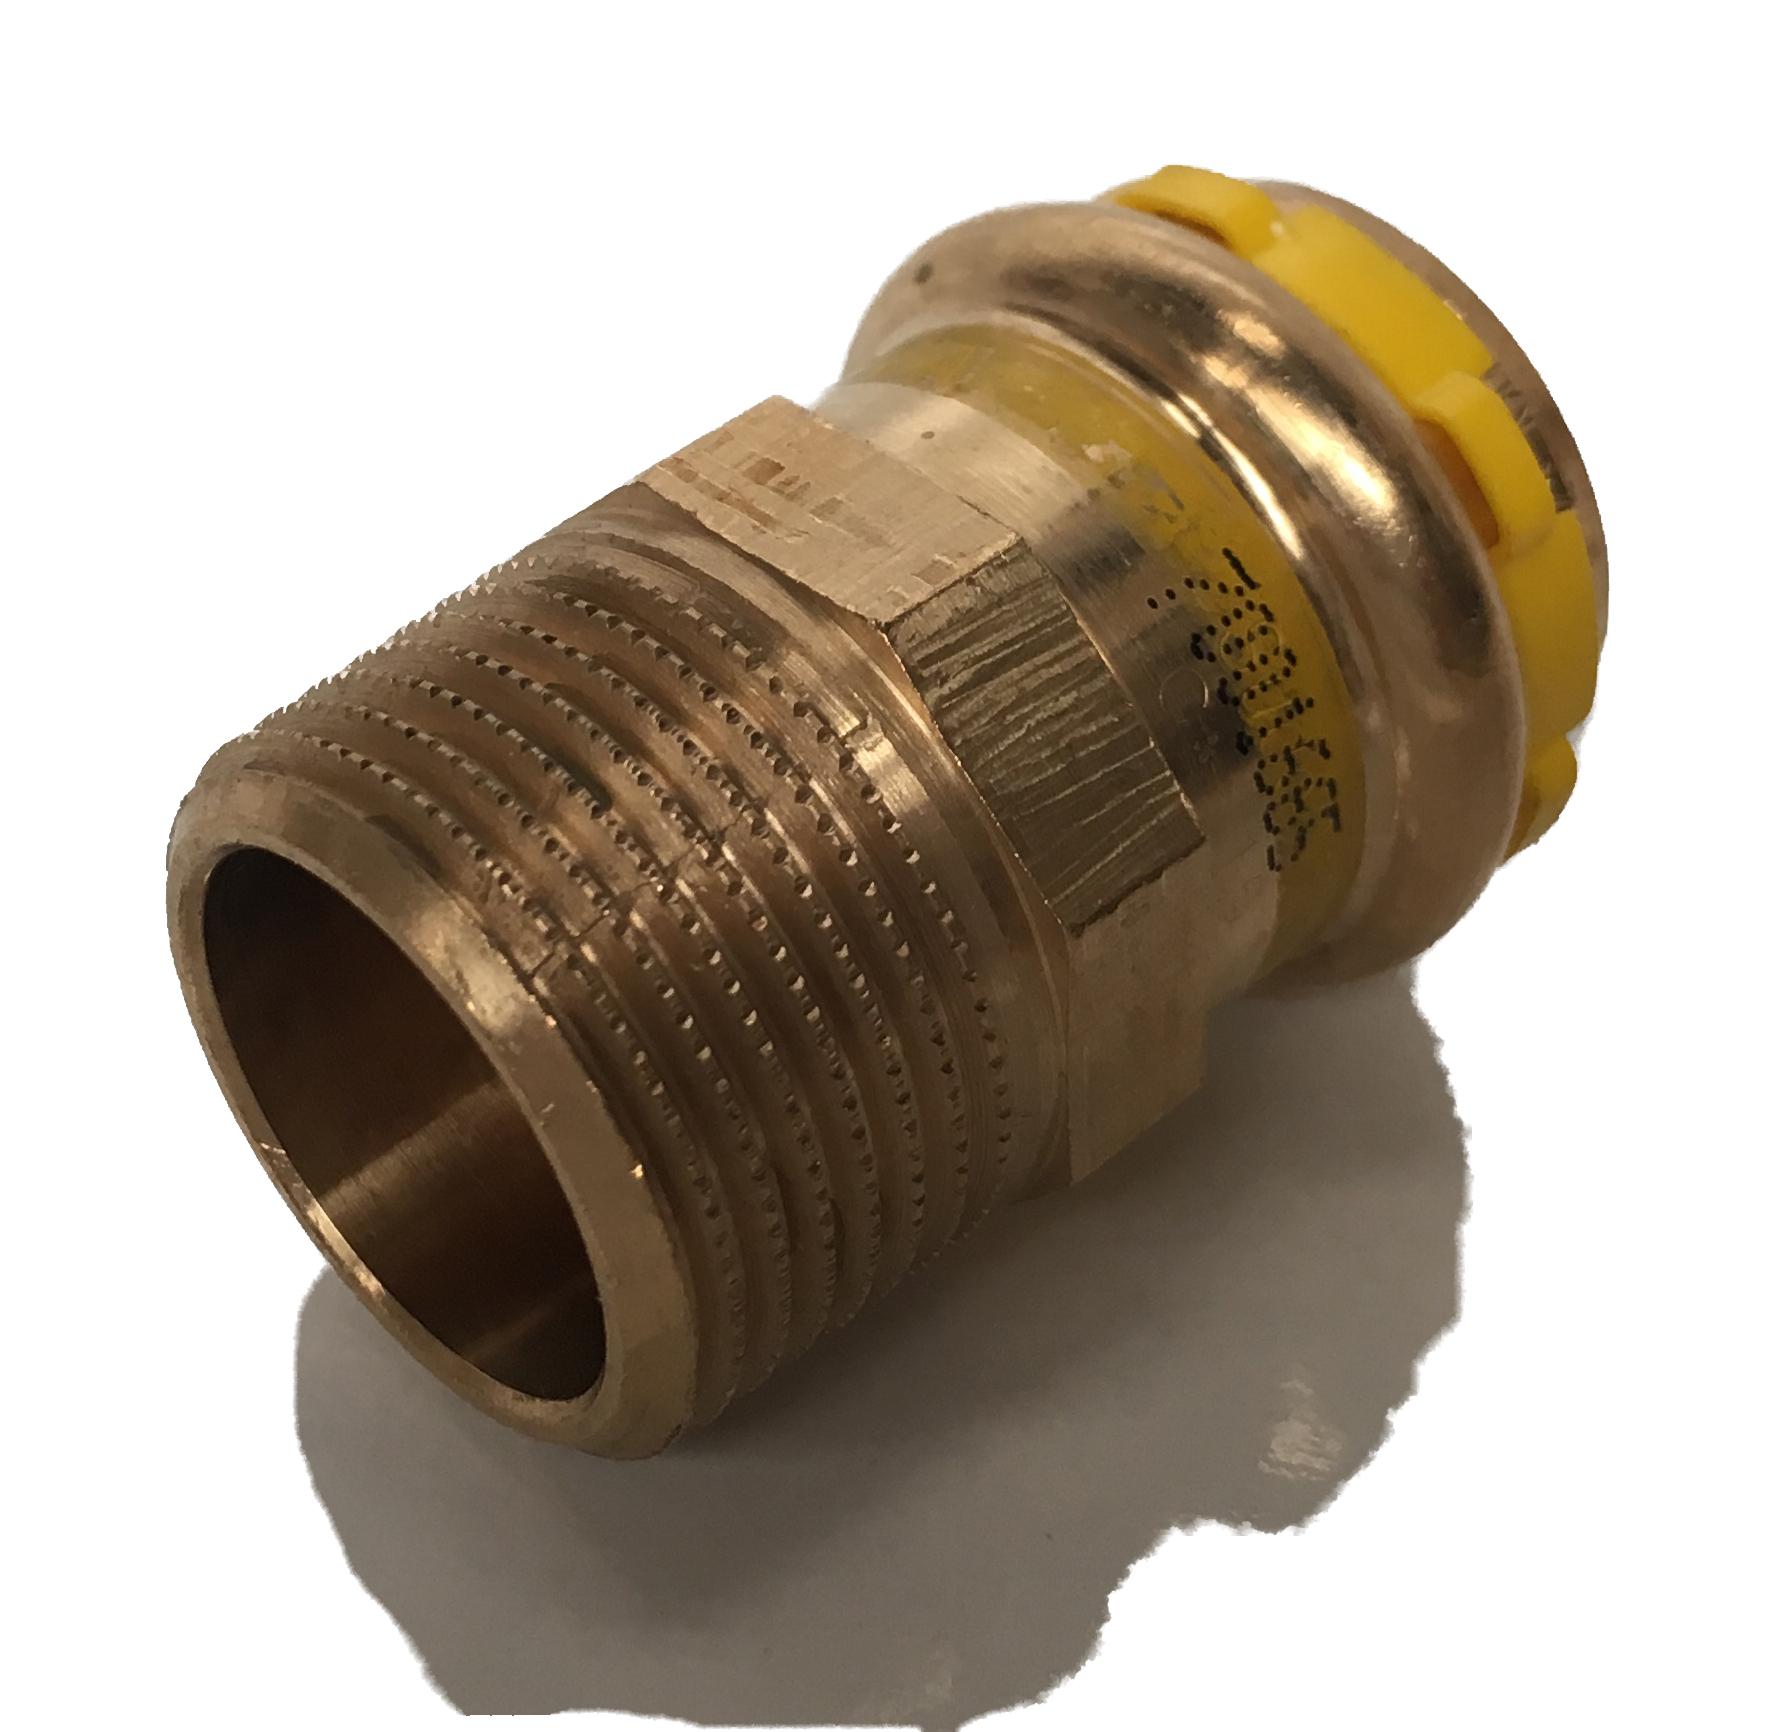 Straight fitting Copper Sudopress Press GAS 15x1/2M V-profile